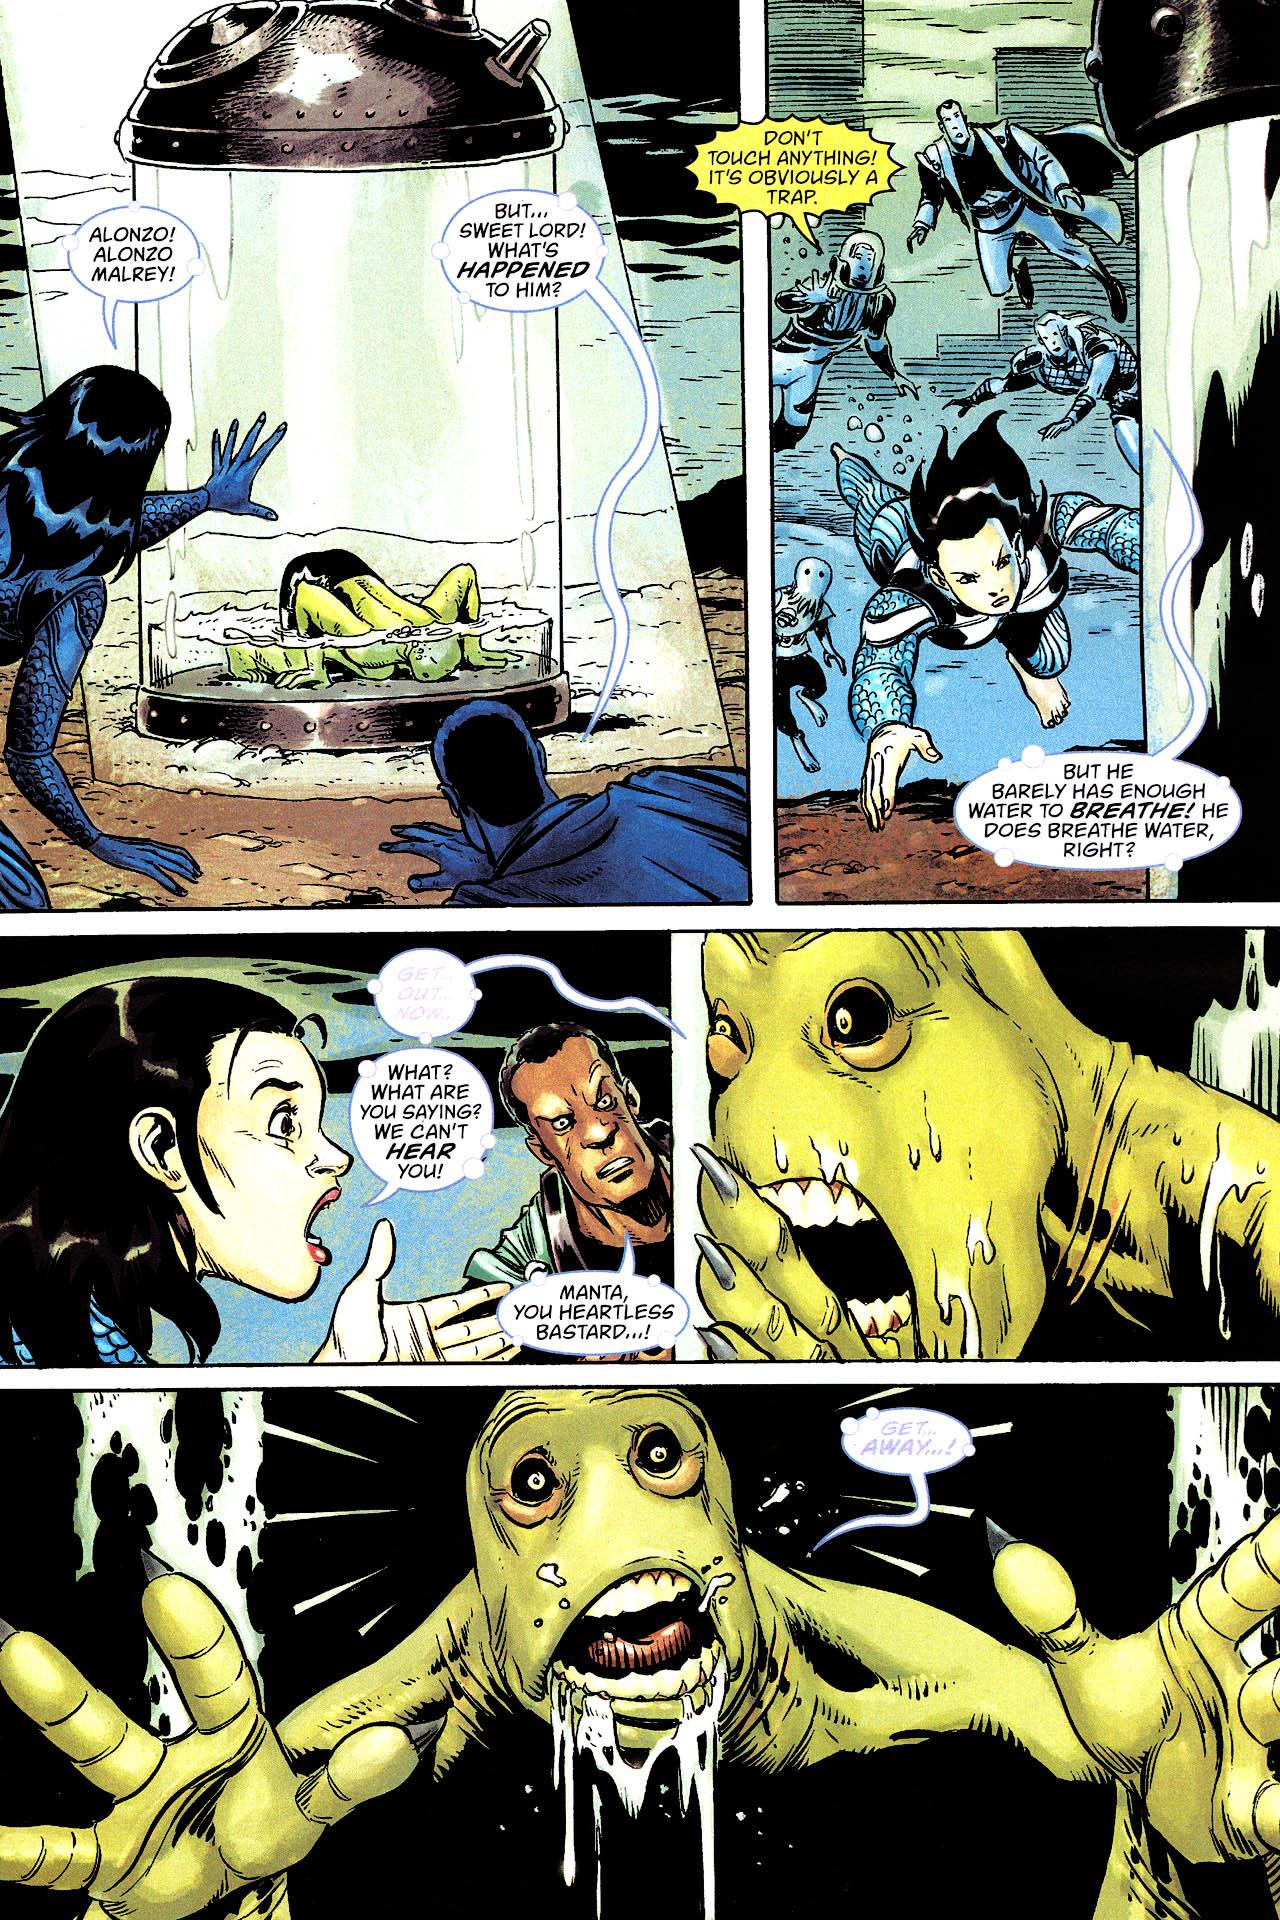 Read online Aquaman: Sword of Atlantis comic -  Issue #52 - 4